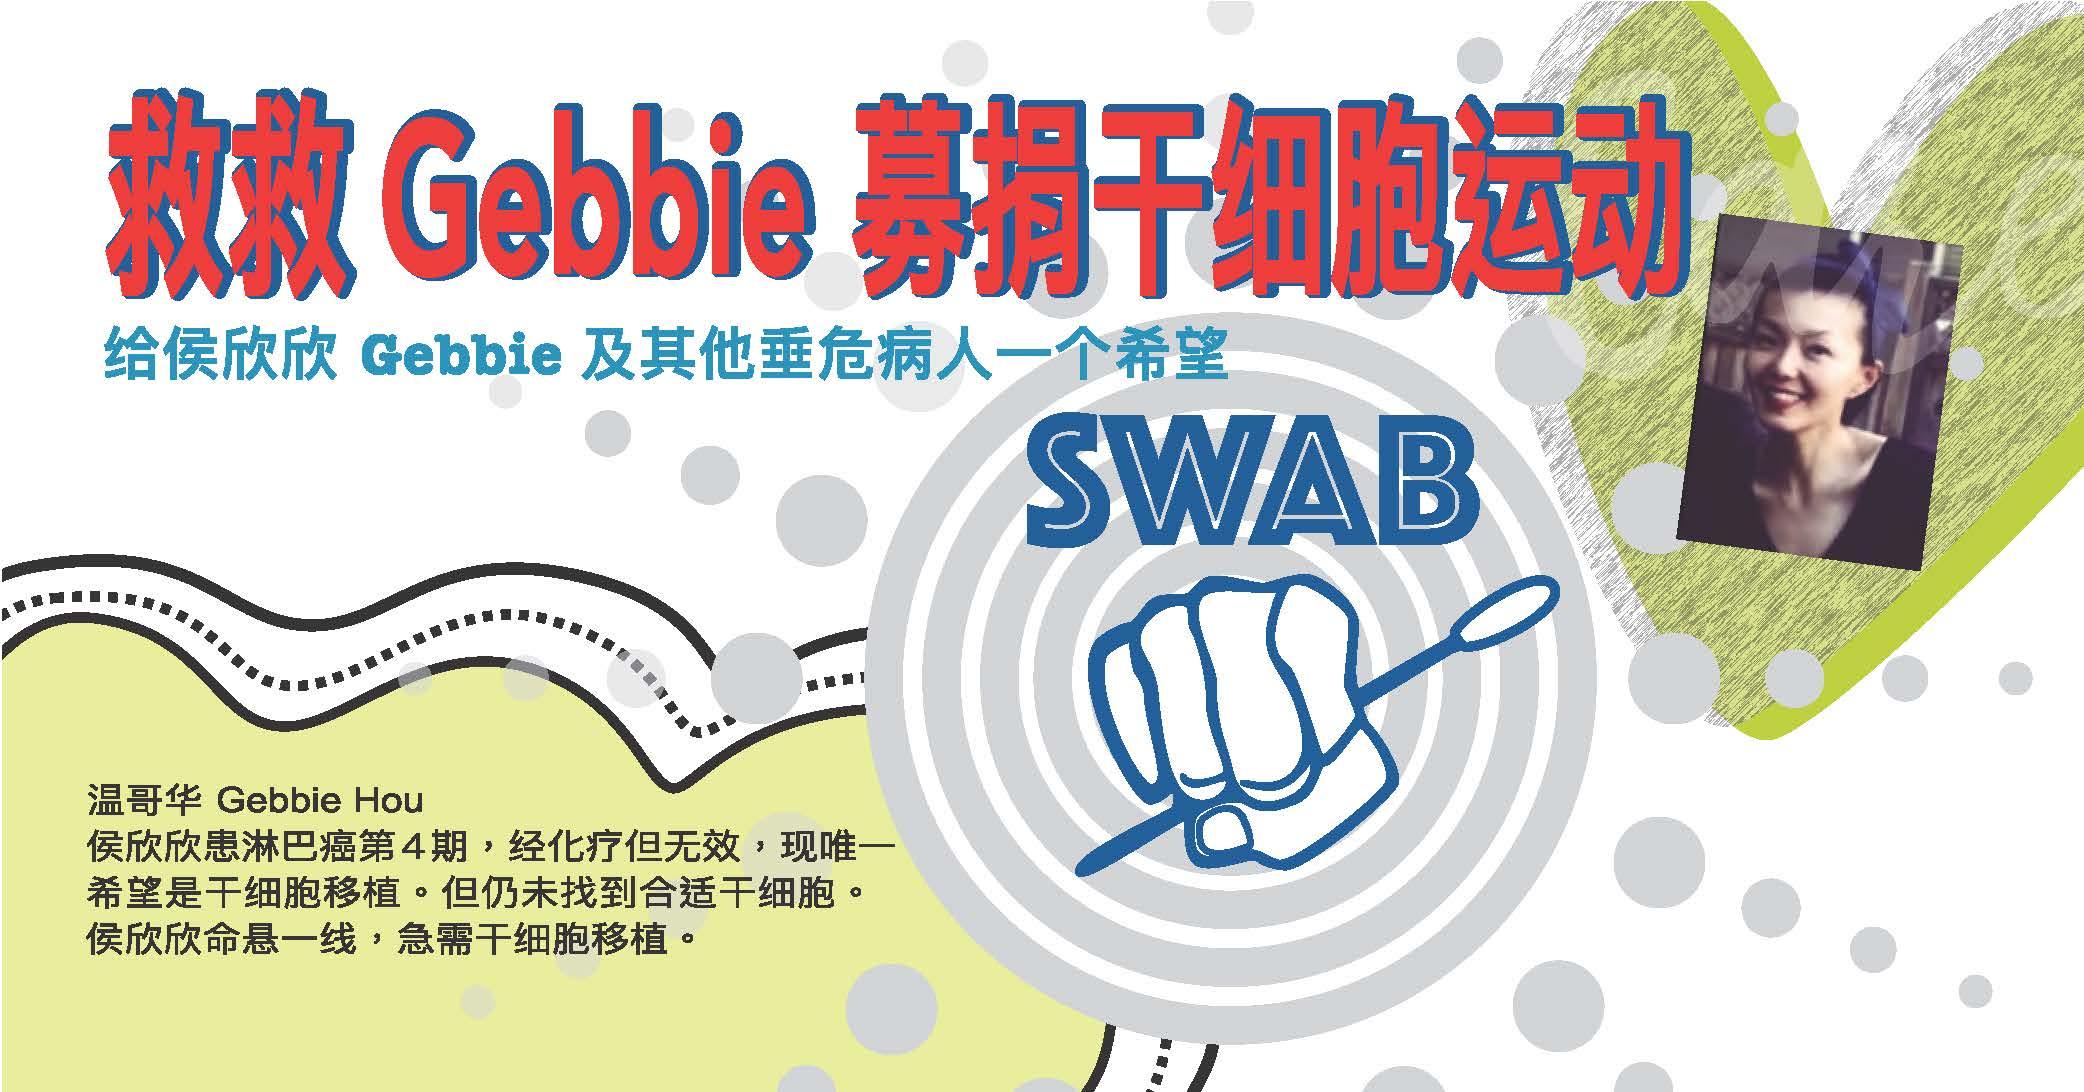 救救侯欣欣Save Gebbie募捐干细胞运动